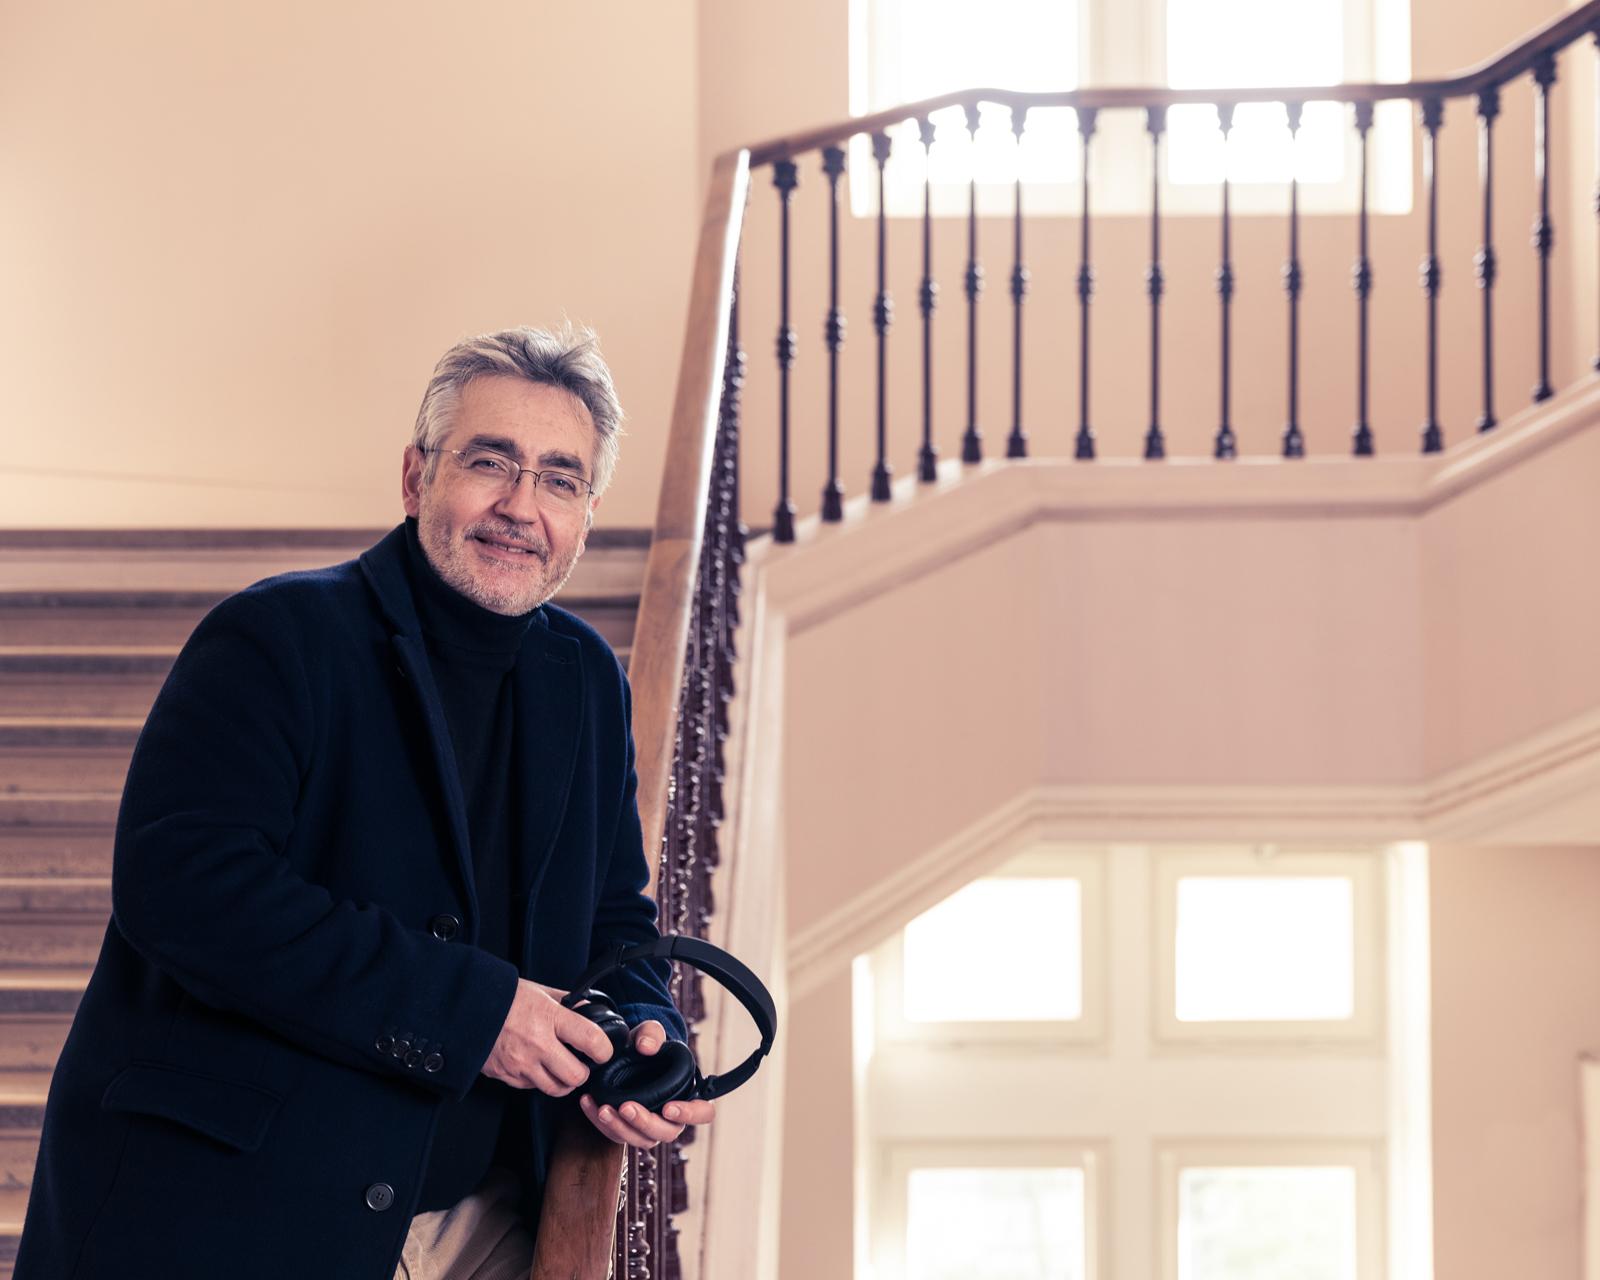 Christian Lorenzi Laboratoire des Systèmes Perceptifs Chercheur, Professeur en psychologie expérimentale / ex-Directeur des études scientifiques de l'ENS